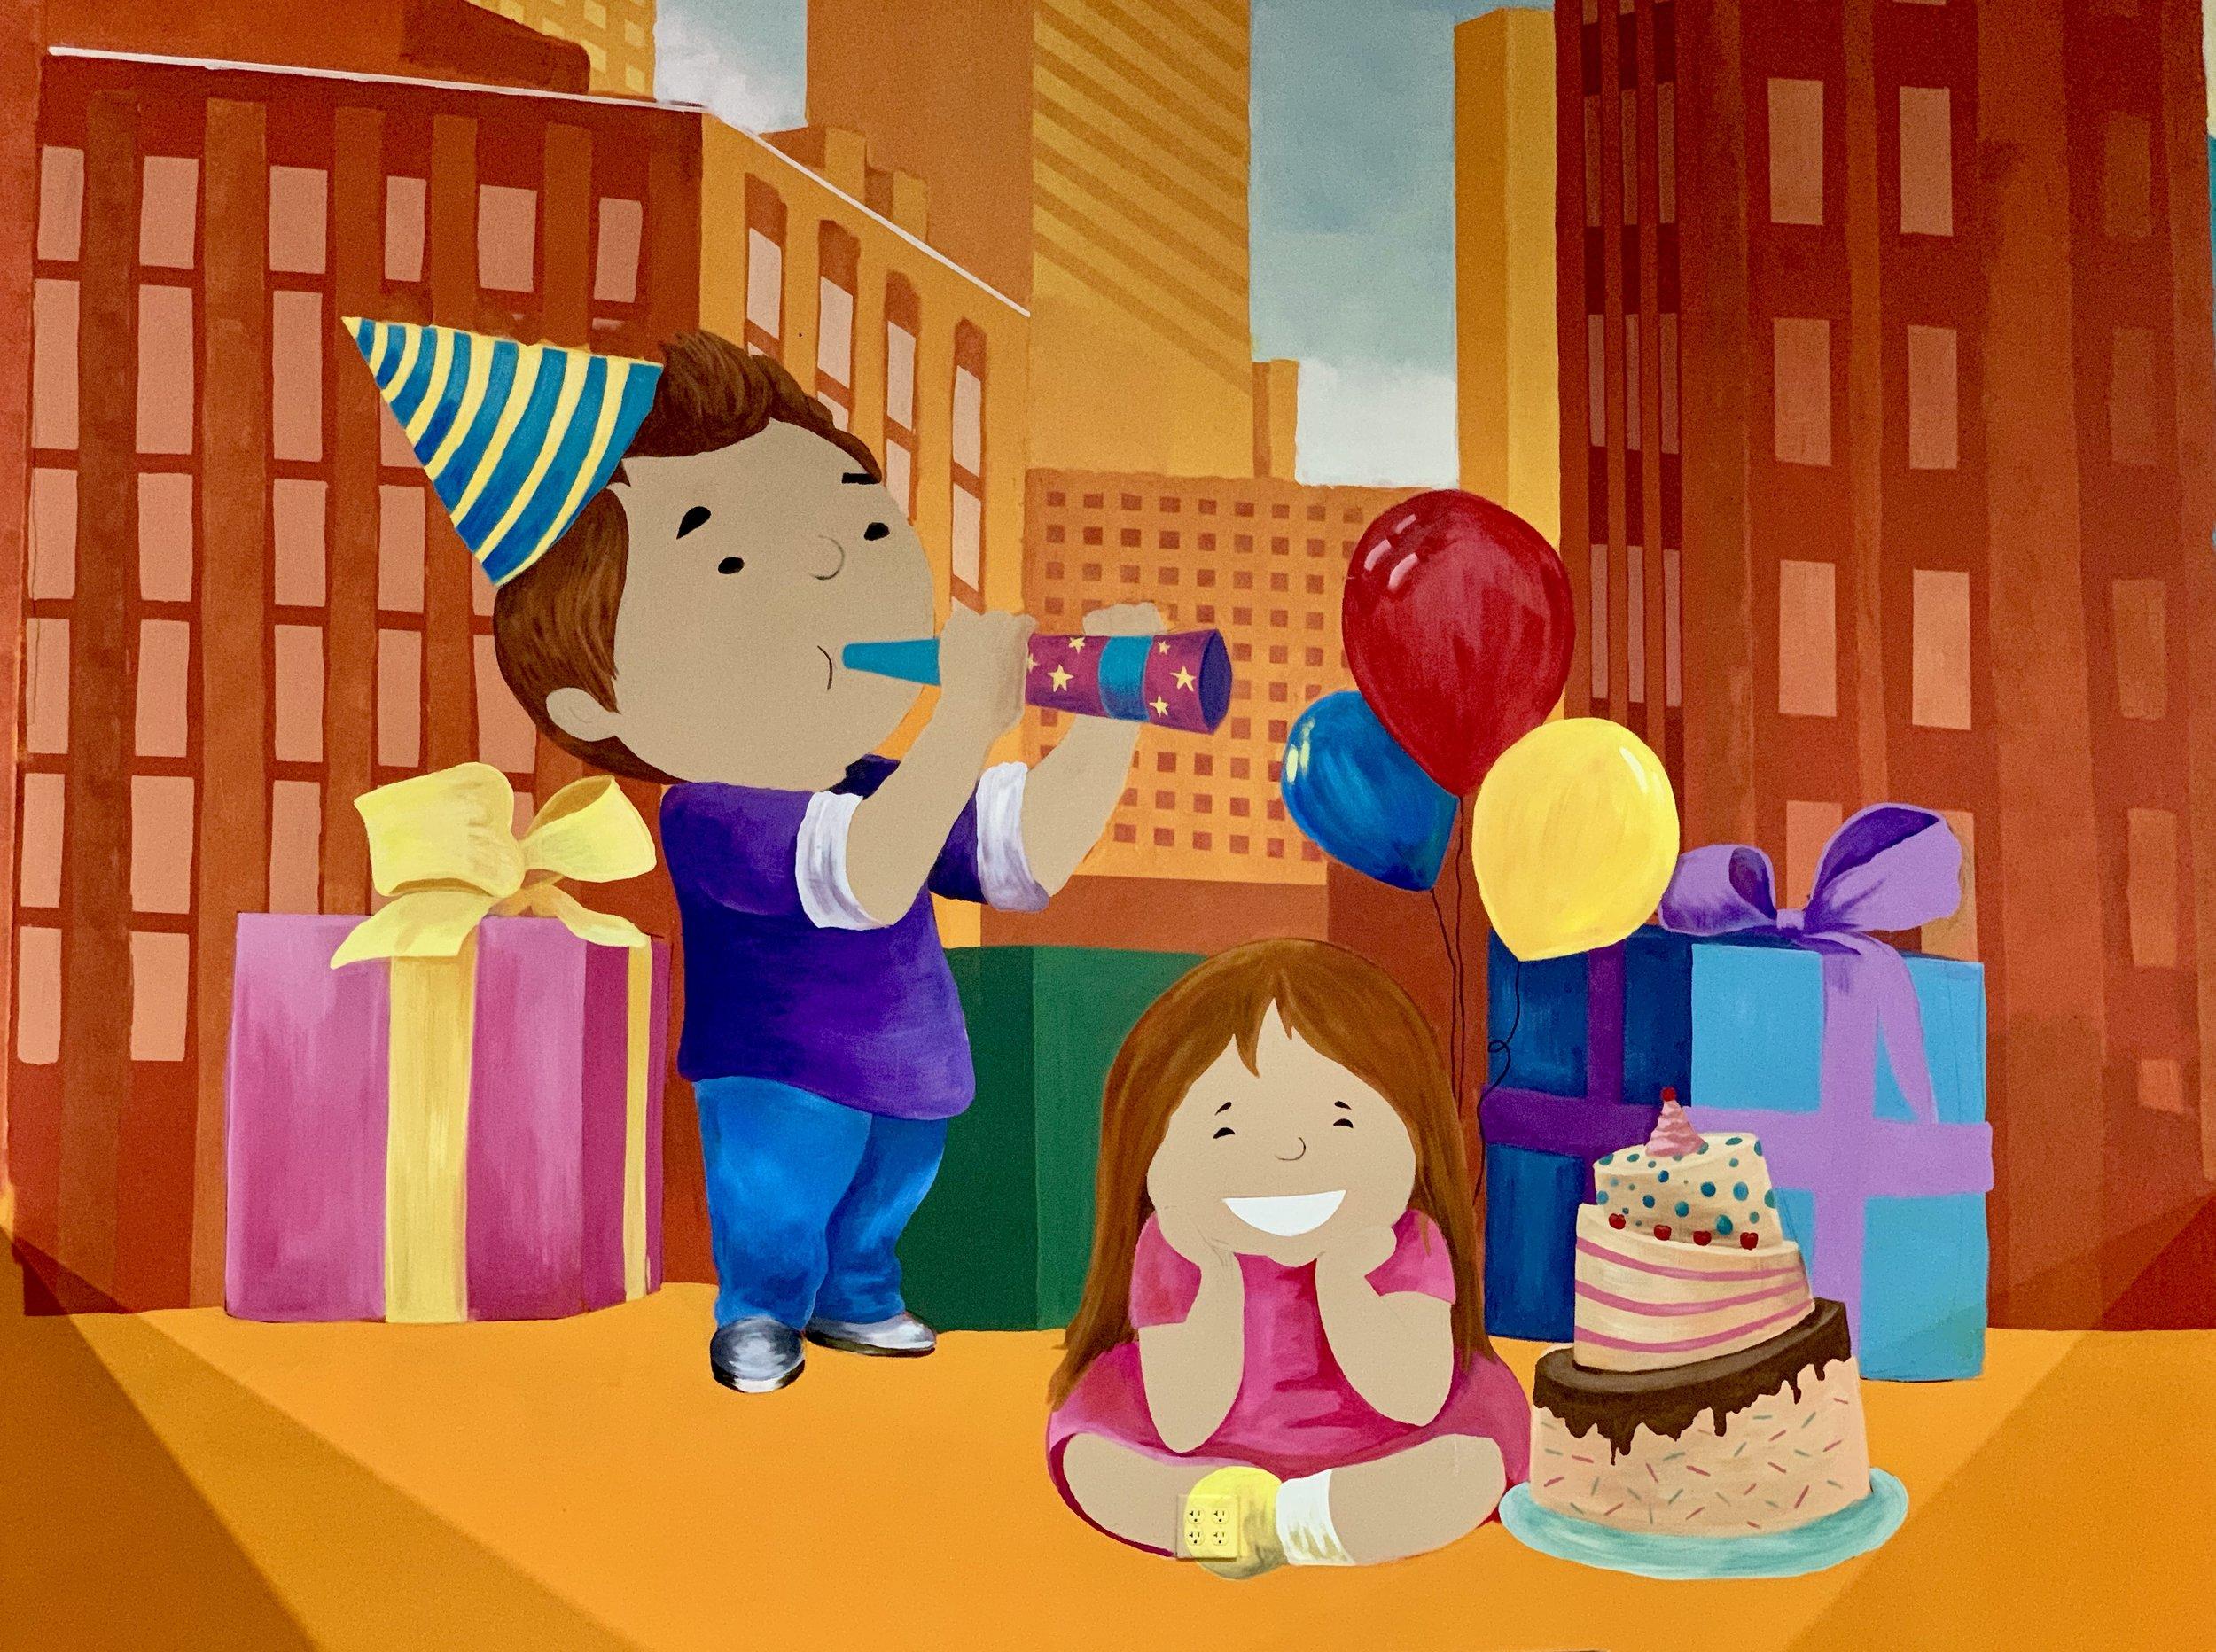 bday party image IMG_1078.jpeg